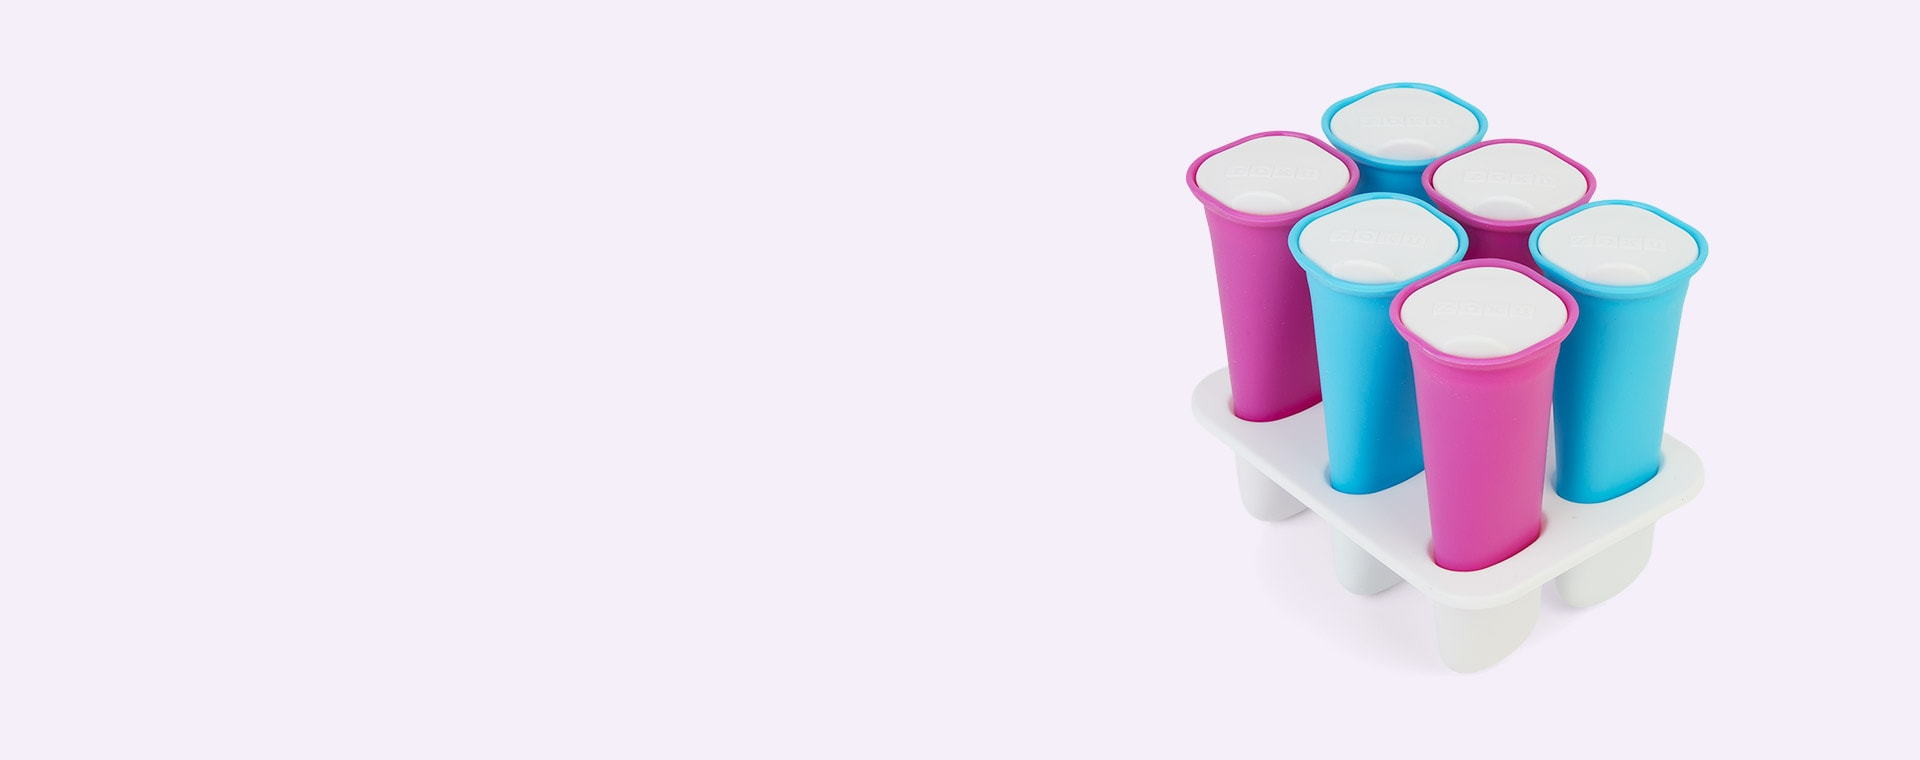 Multi Zoku Summer Ice Pop Mould  (6 sticks)